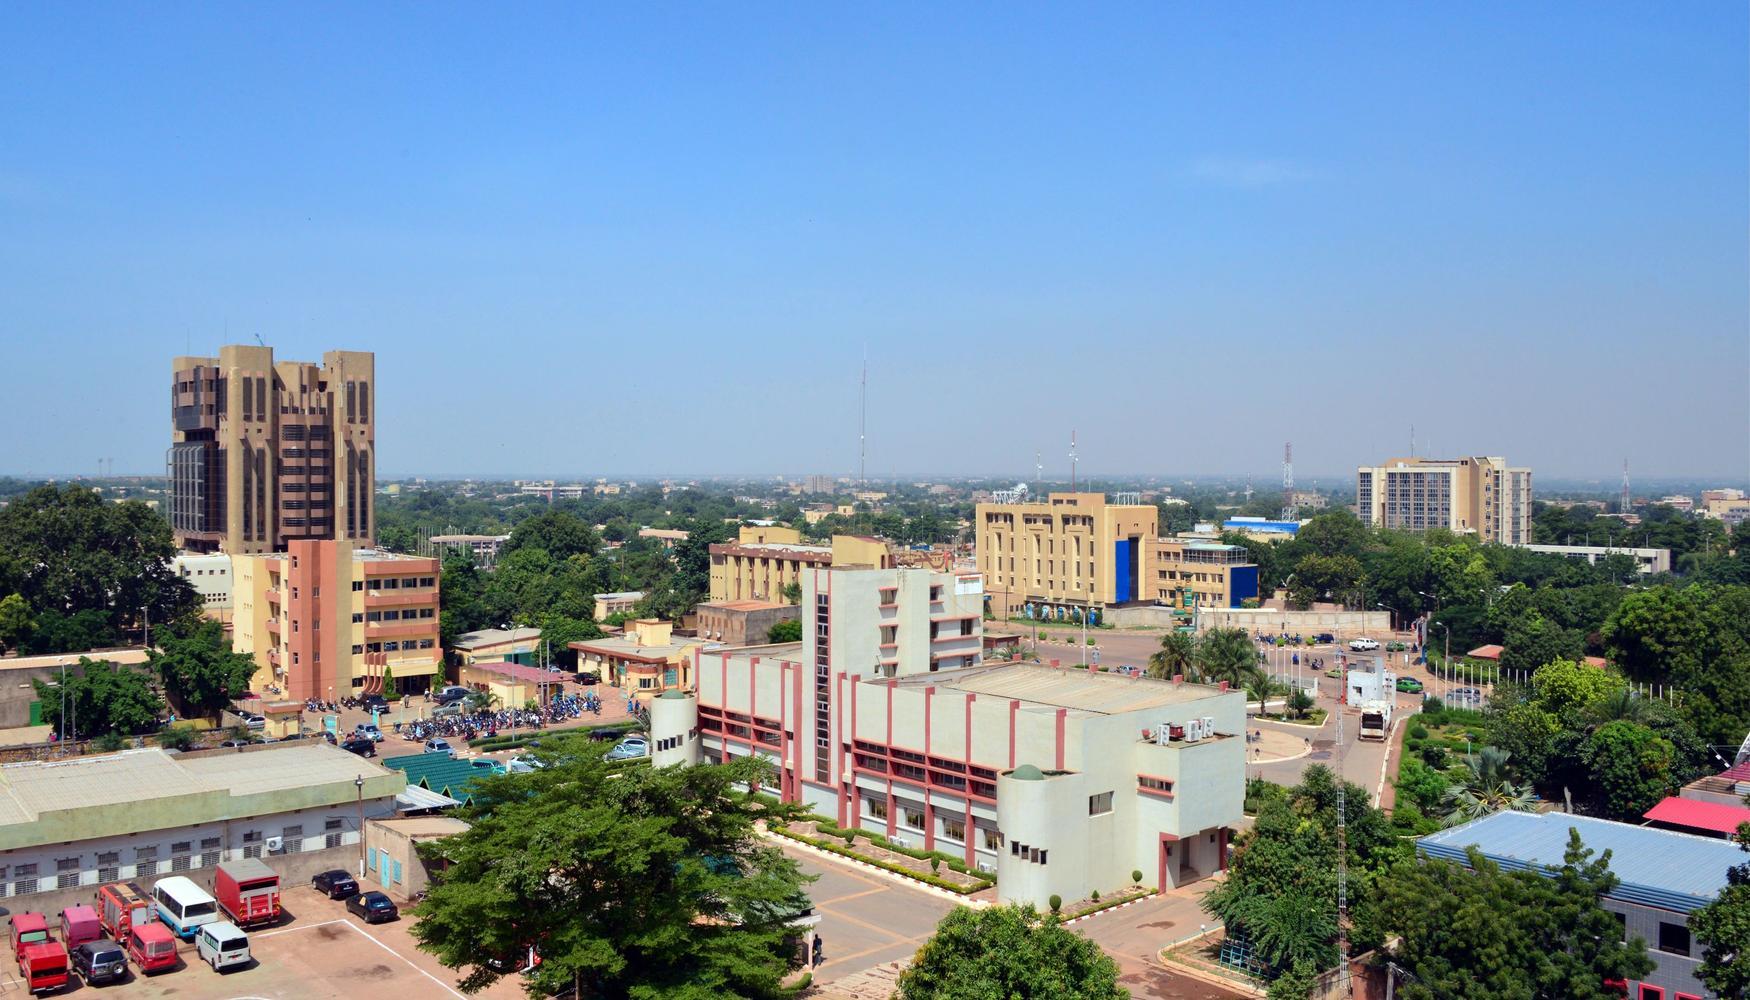 Auto de alquiler en Aeropuerto Uagadugú Ouagadougou